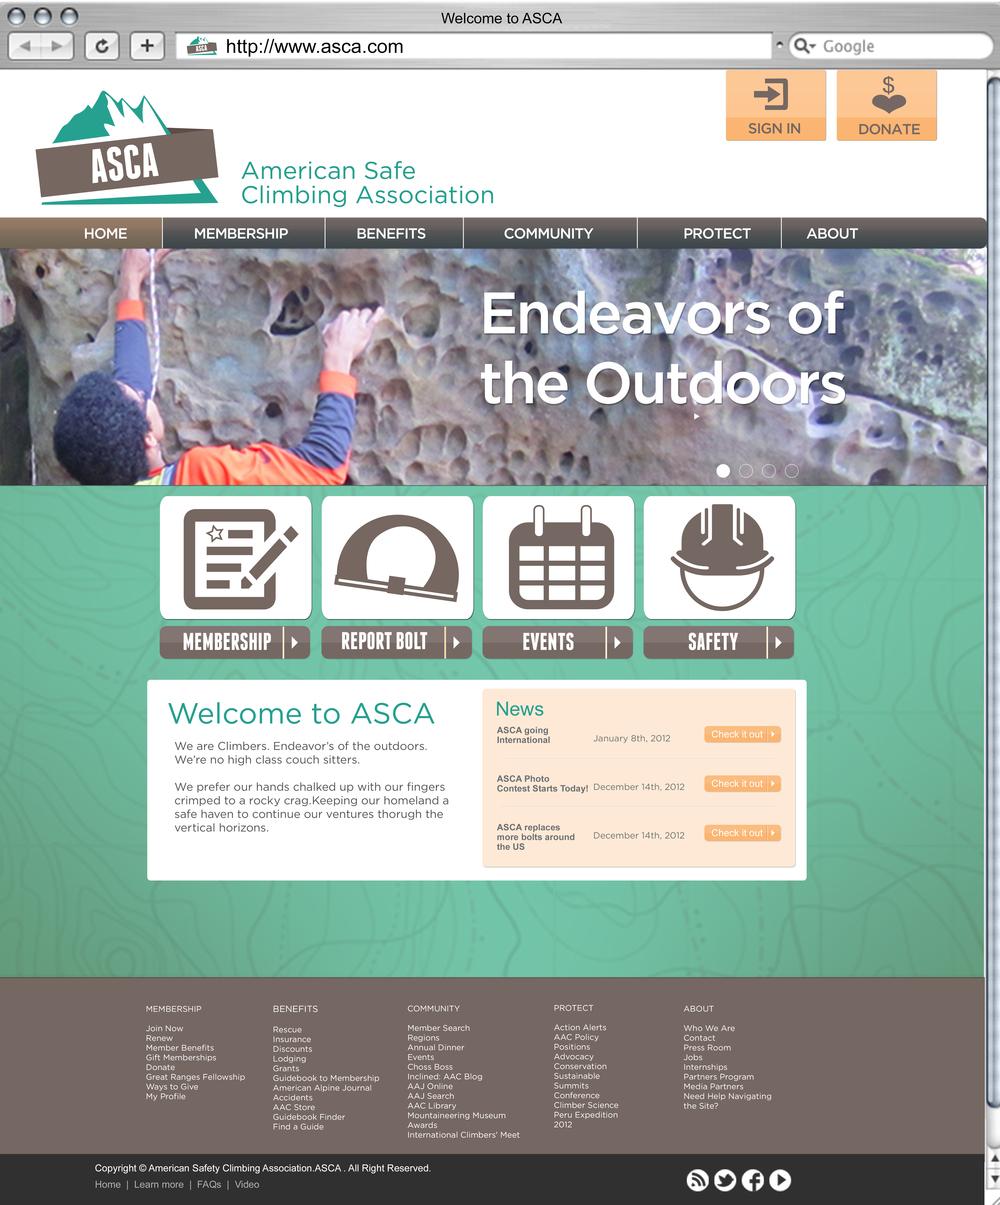 ASCA_MobileAP_v01.jpg